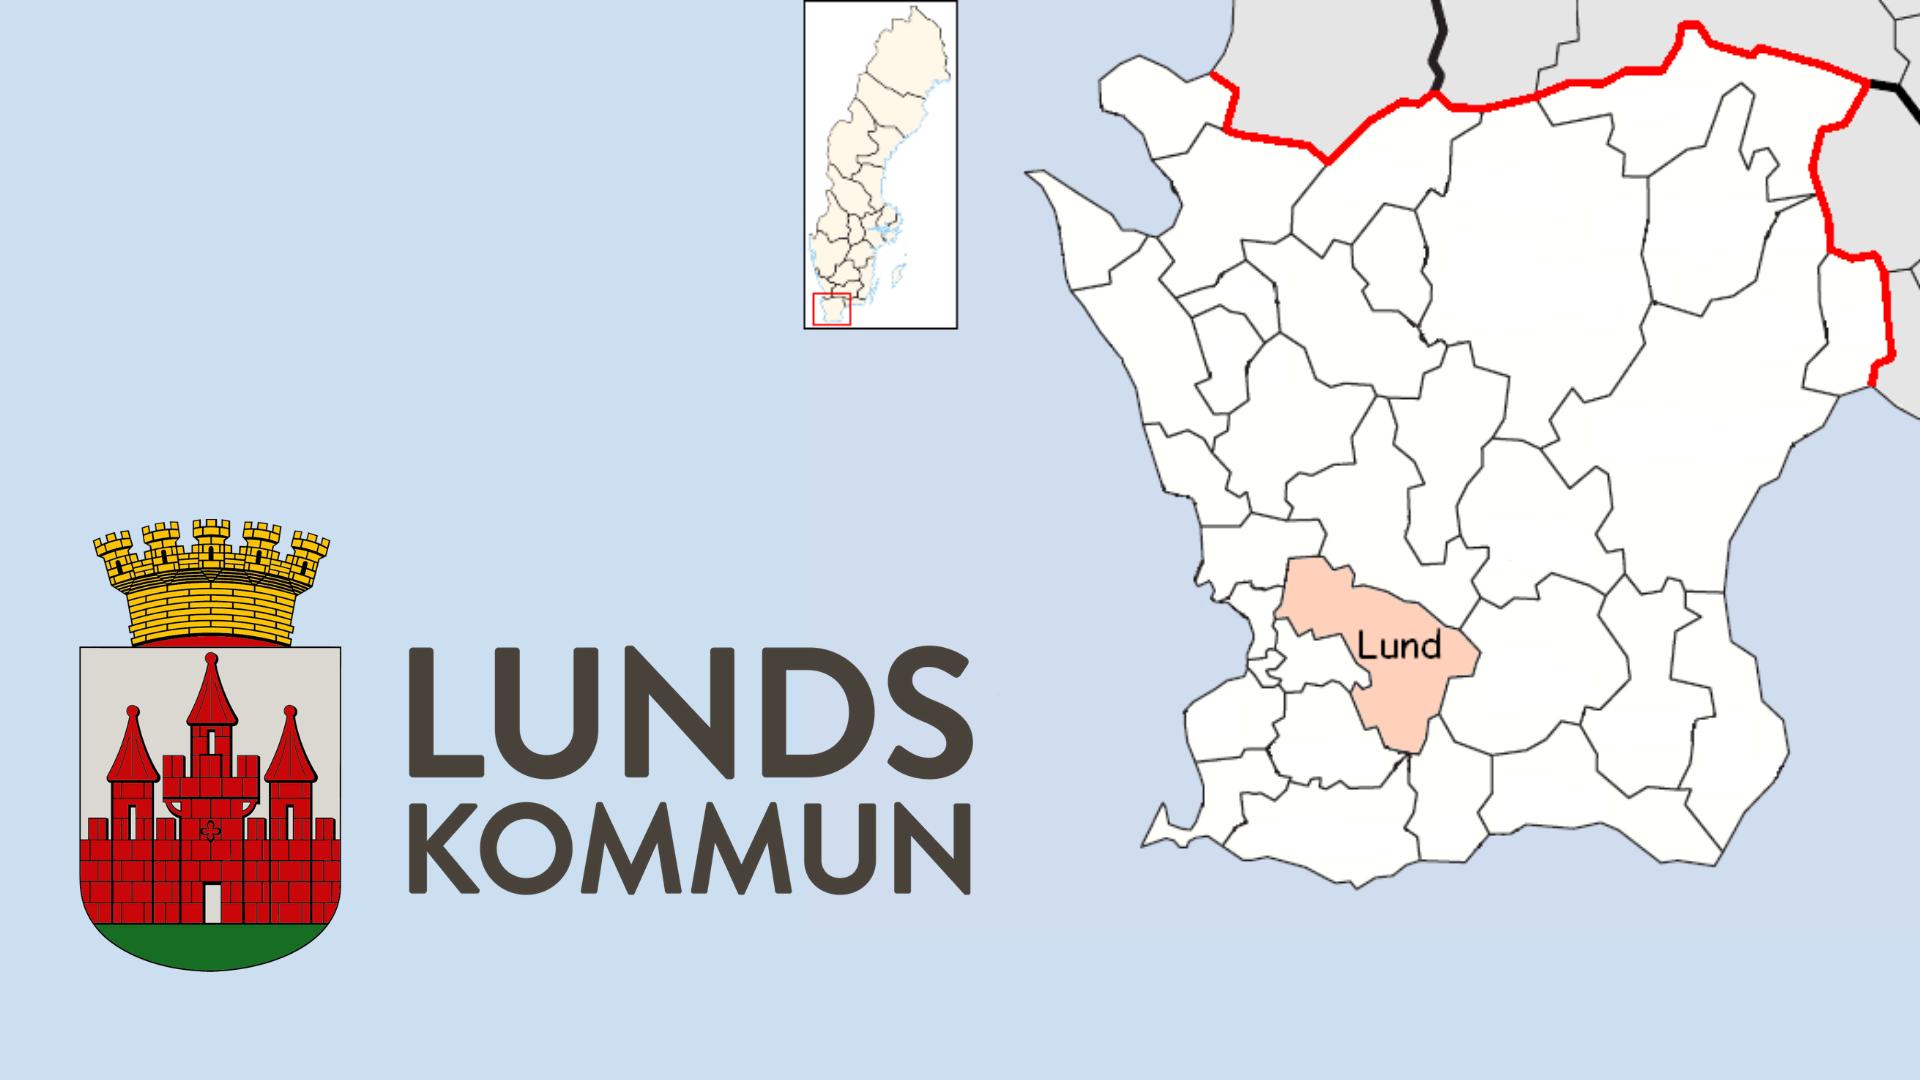 Przewodnik po Skåne i Lund